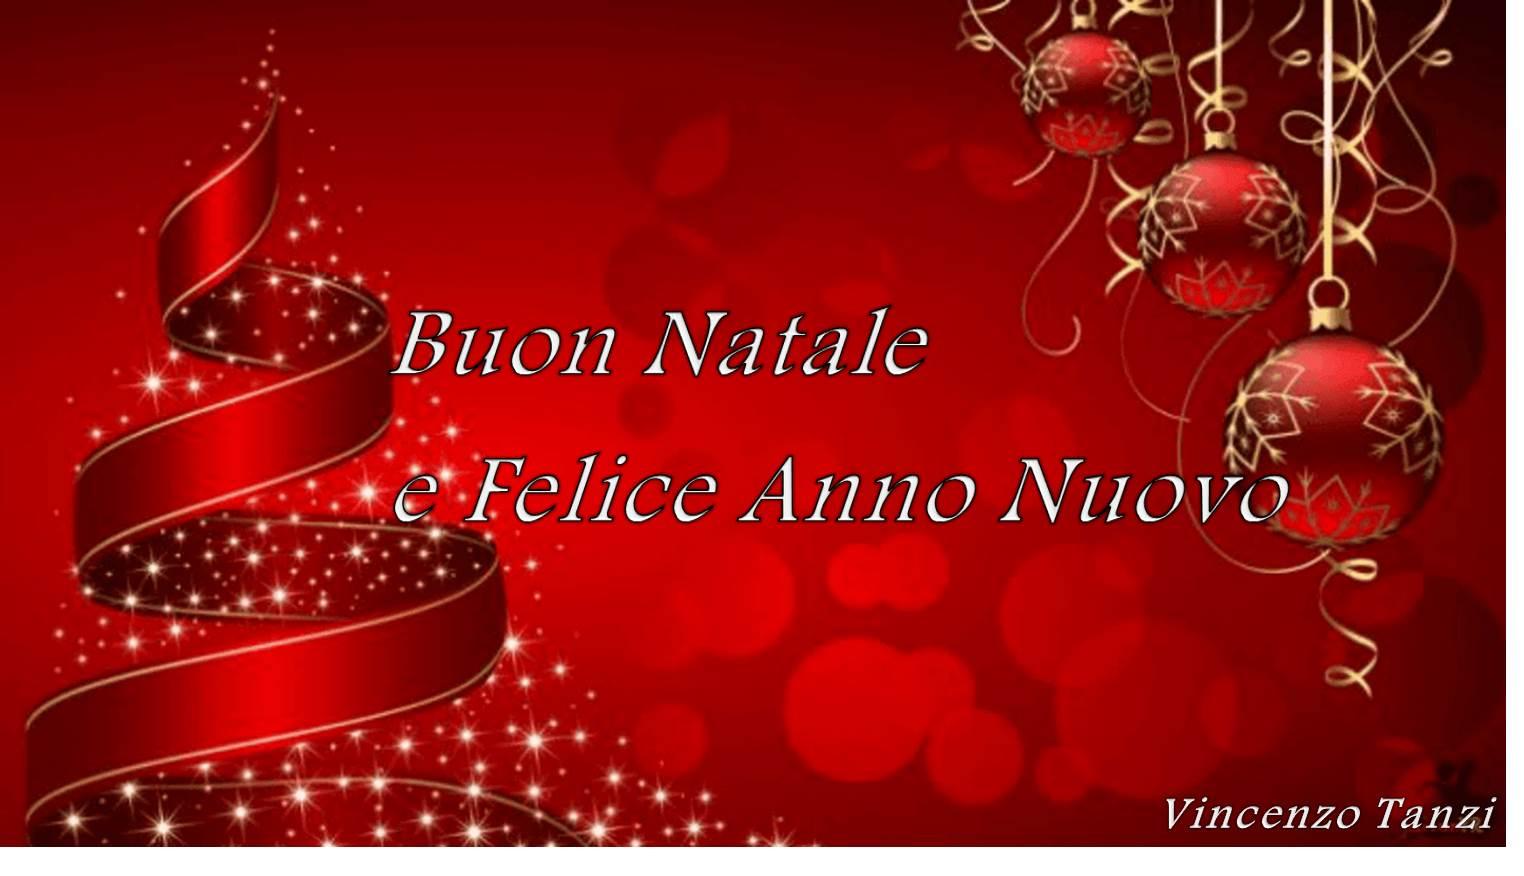 Buon Natale Anno Nuovo.Buon Natale E Felice Anno Nuovo Vincenzo Tanzi